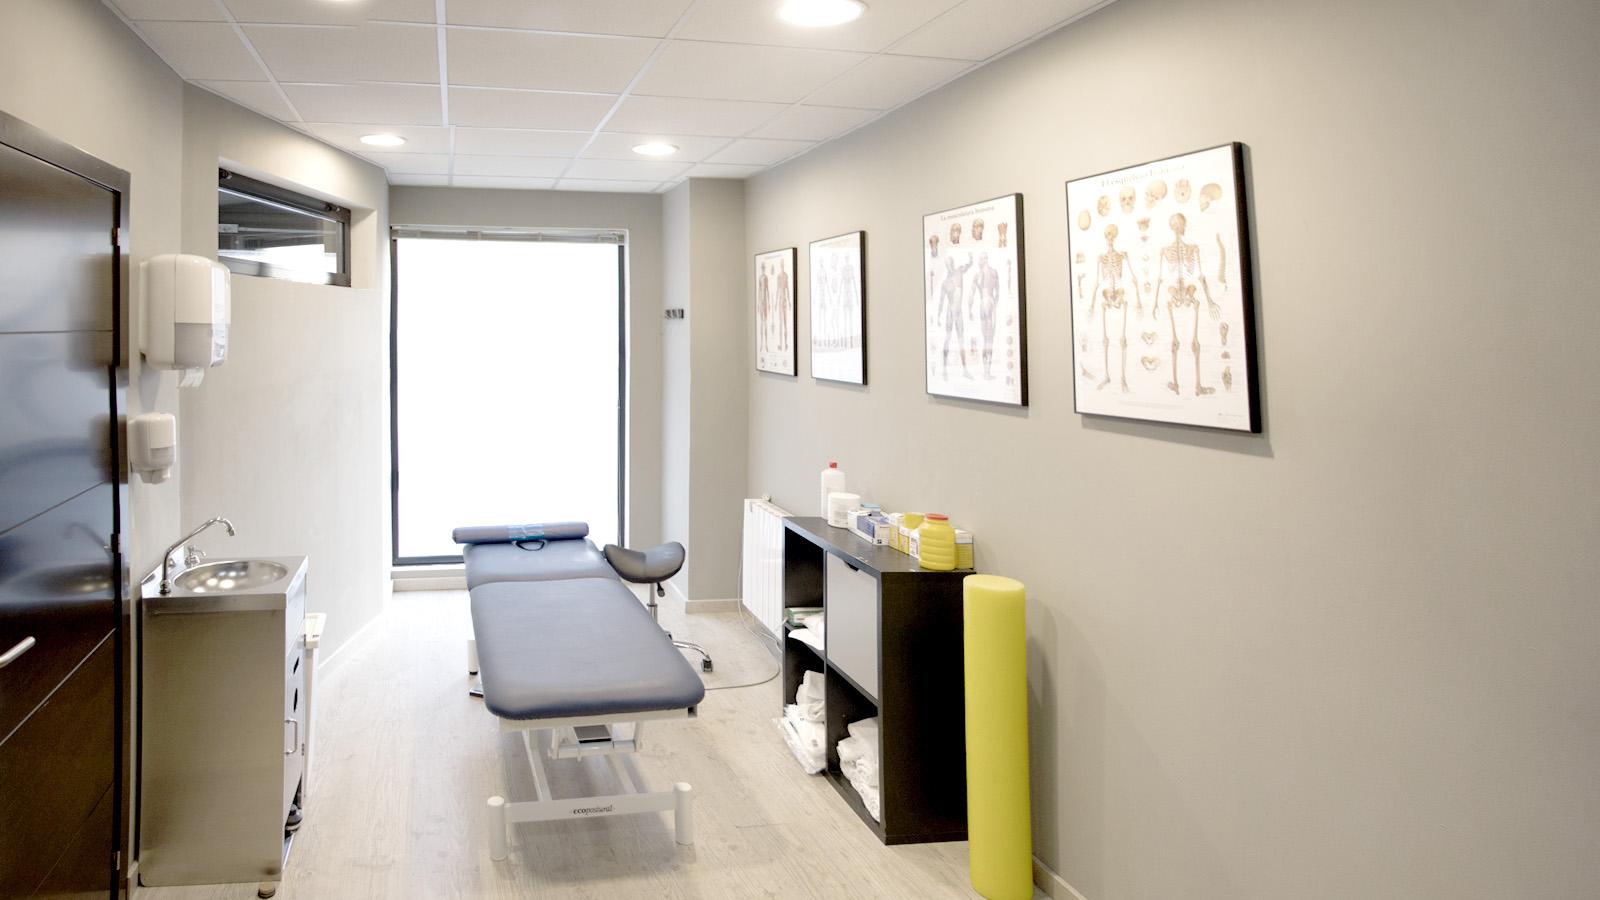 Clínica de fisioterapia A. Despacho